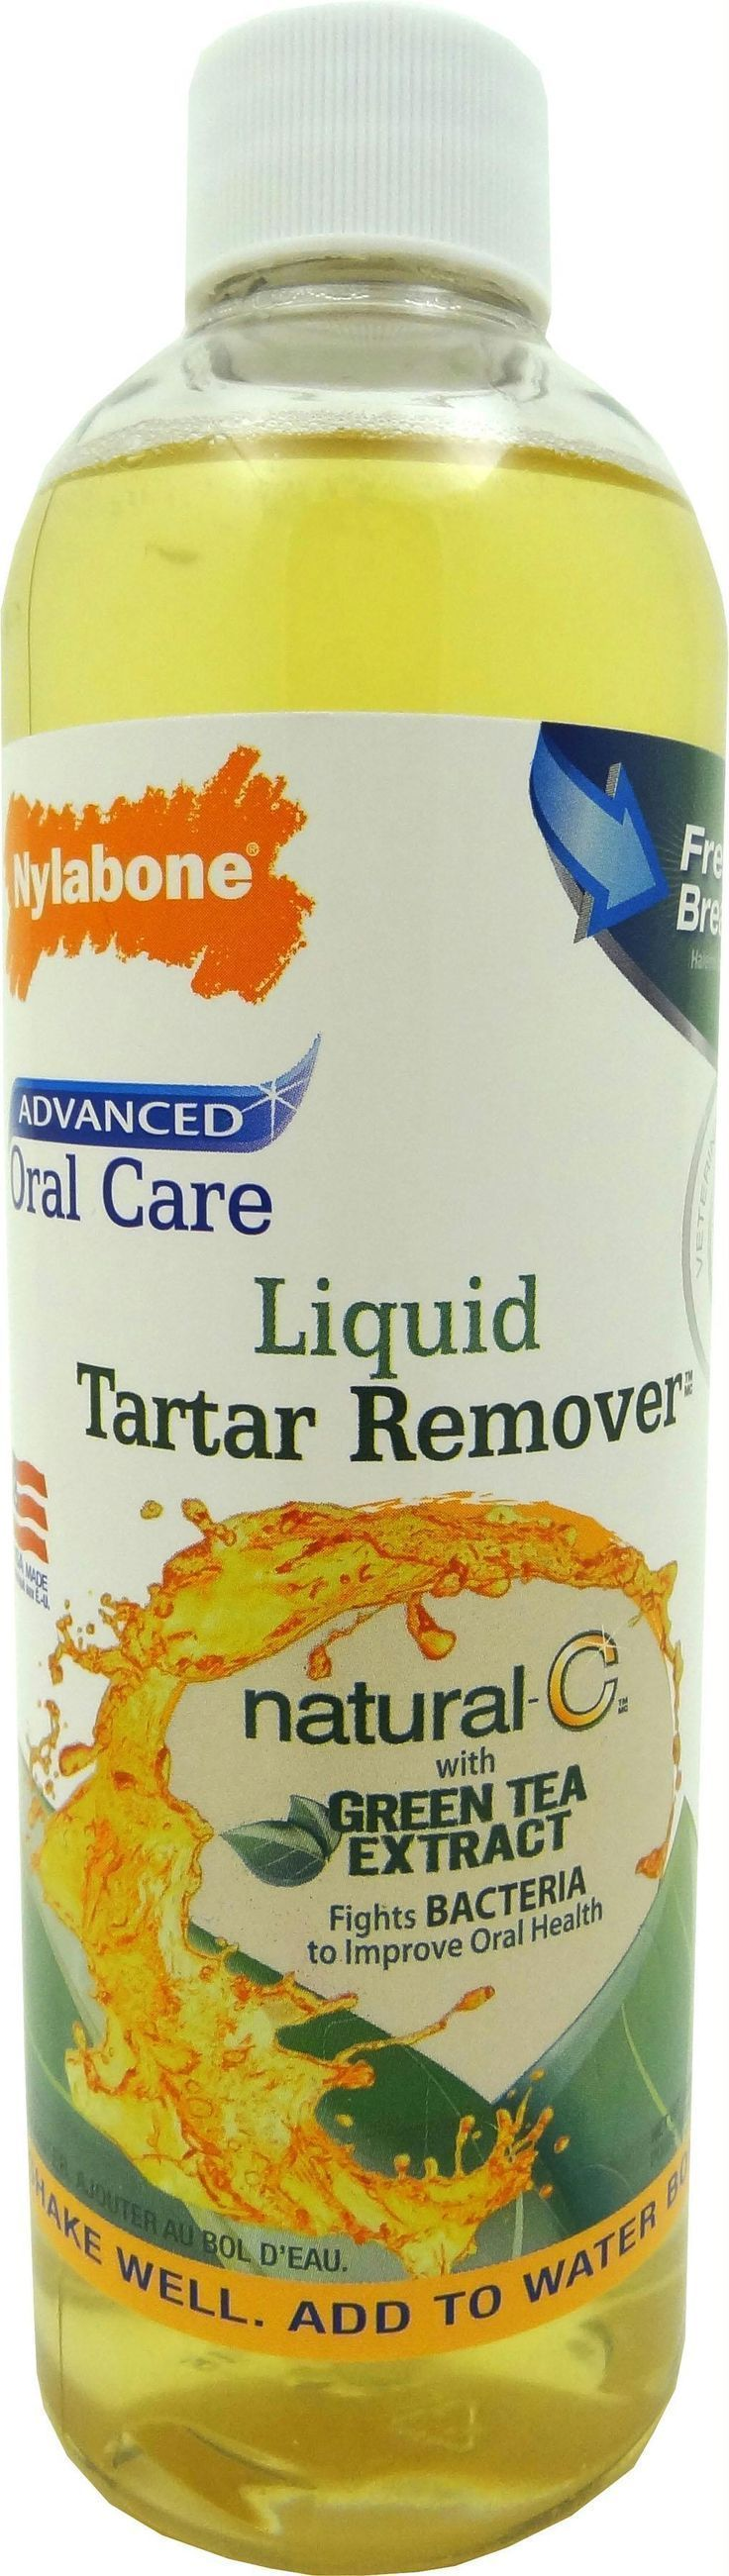 Avancerad Oral Care natürlicher flüssiger Zahnsteinentferner #avancerad #liqui…